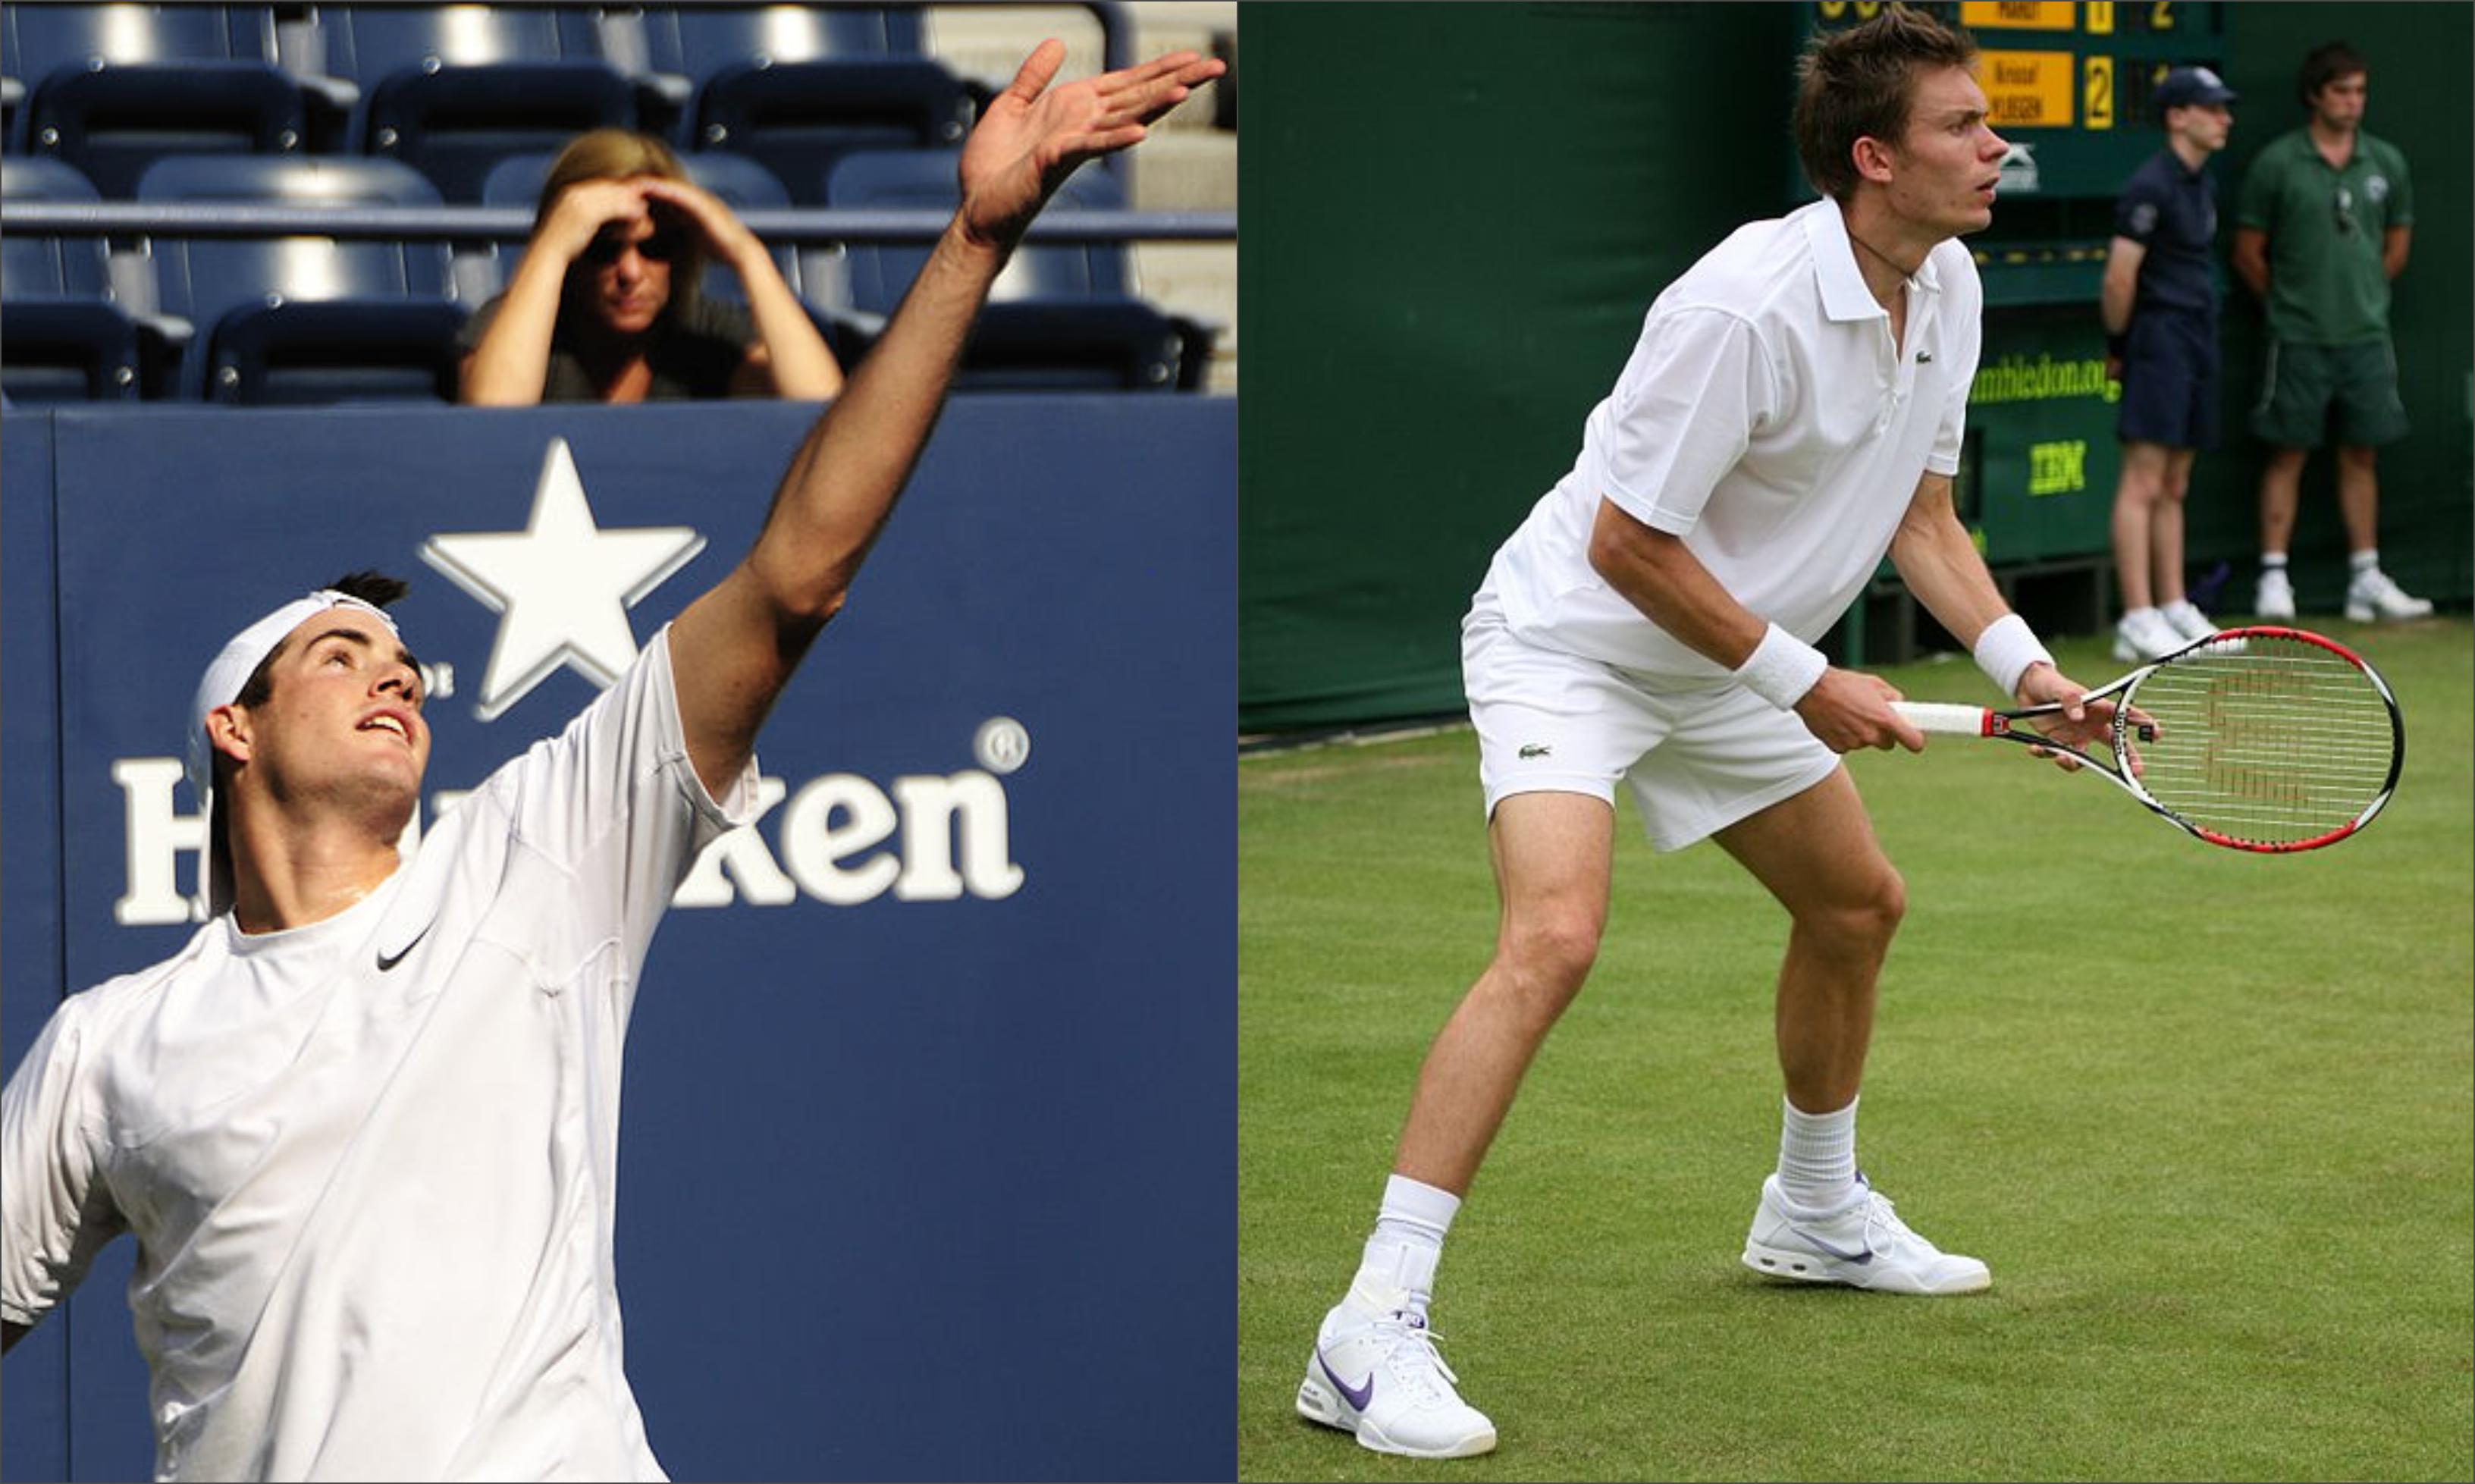 Ο μεγαλύτερος αγώνας τένις στην ιστορία. Διήρκεσε 3 ημέρες και έσπασε συνολικά δέκα ρεκόρ.